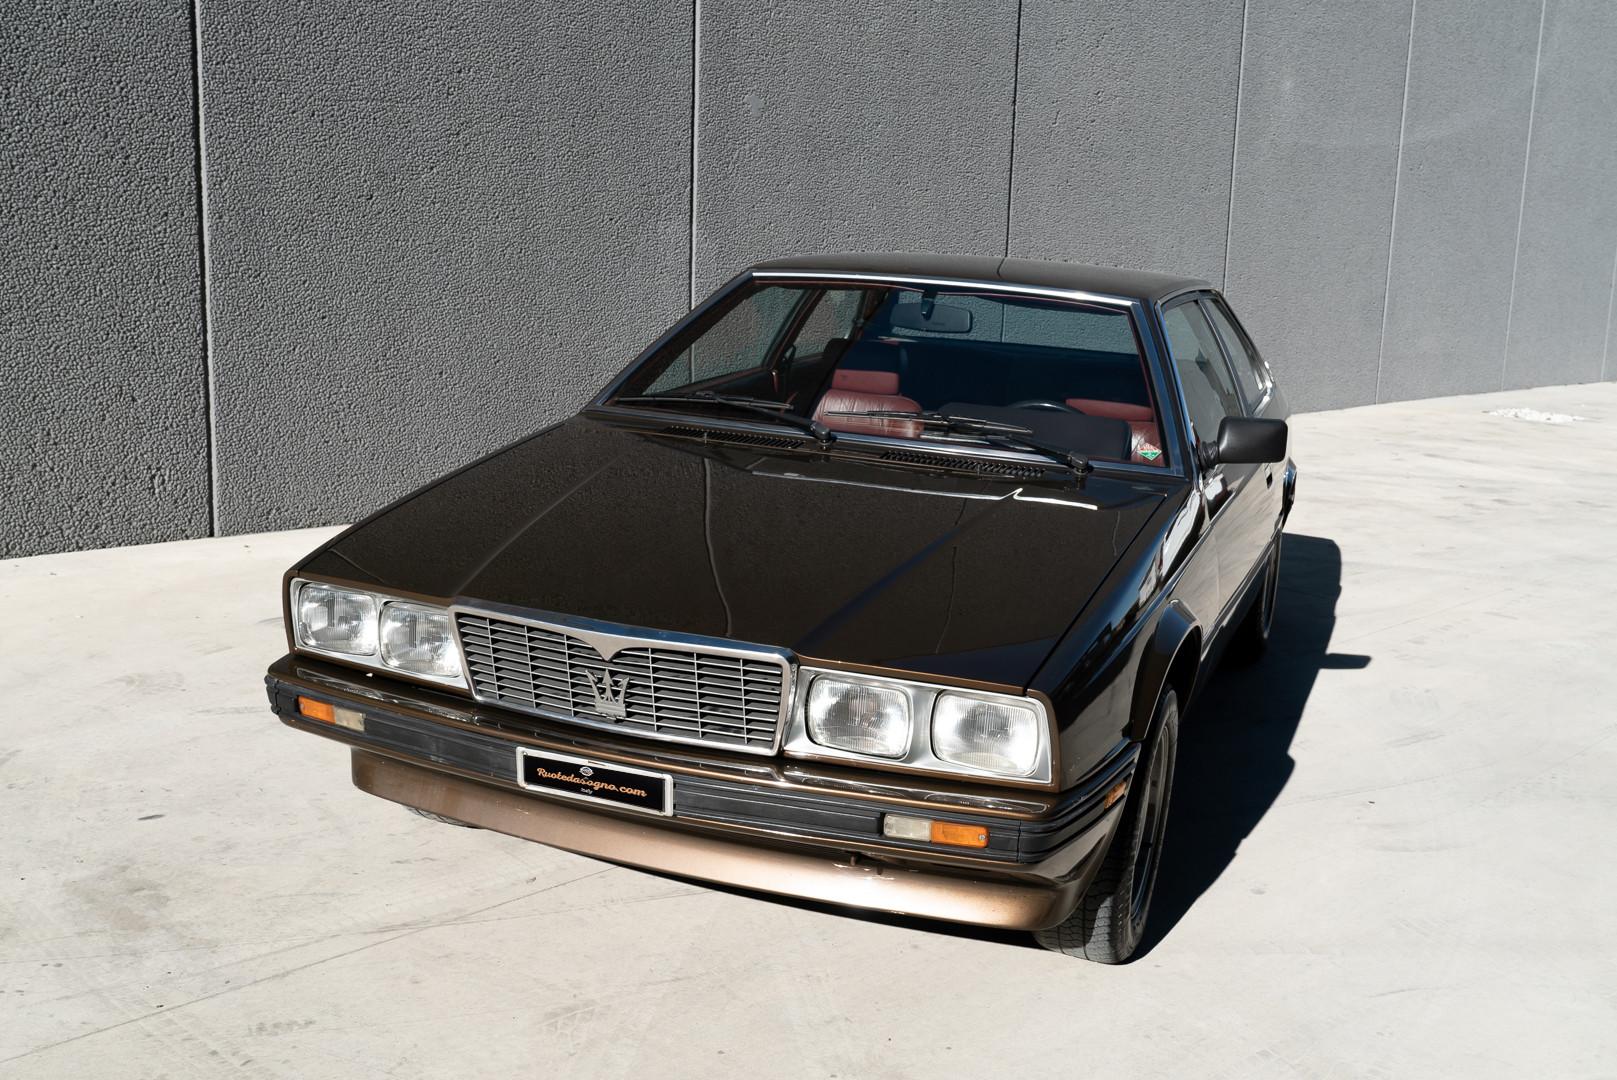 1984 Maserati Biturbo 2000 - Auto d'epoca - Ruote da Sogno